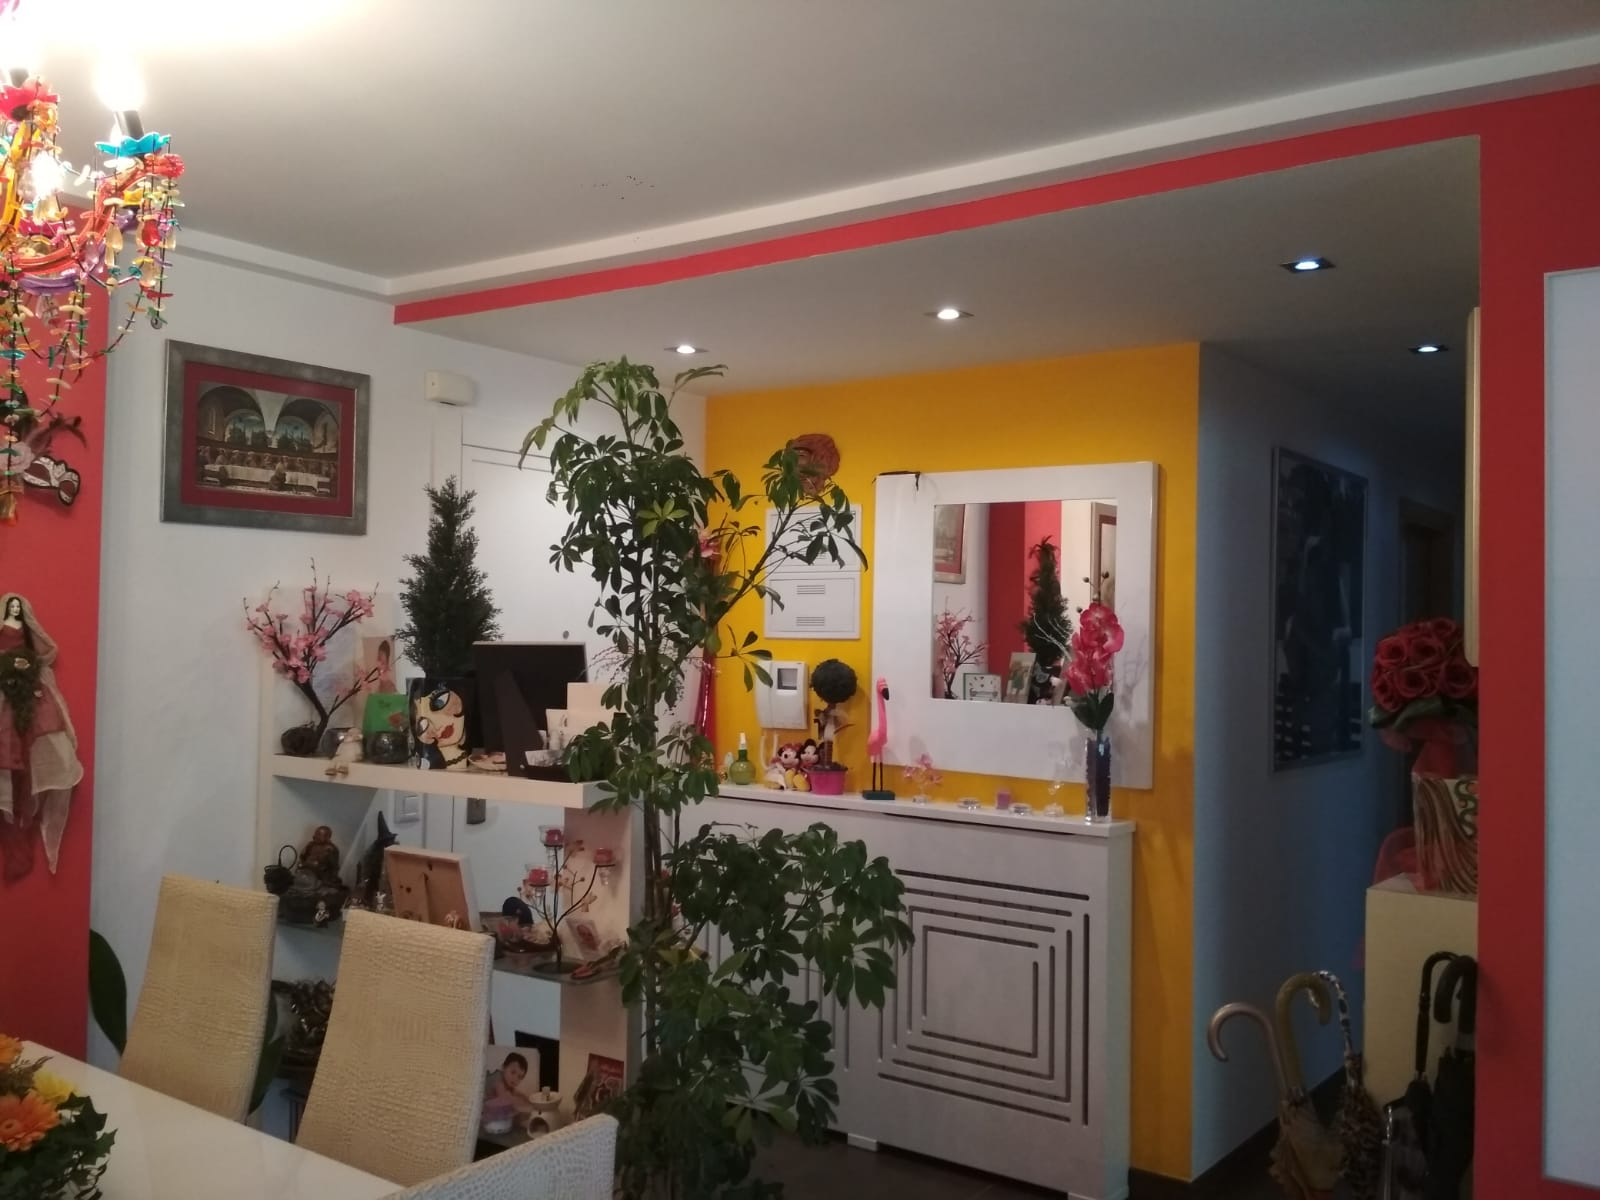 Soleado y confortable piso con balconcito en Santa rosa